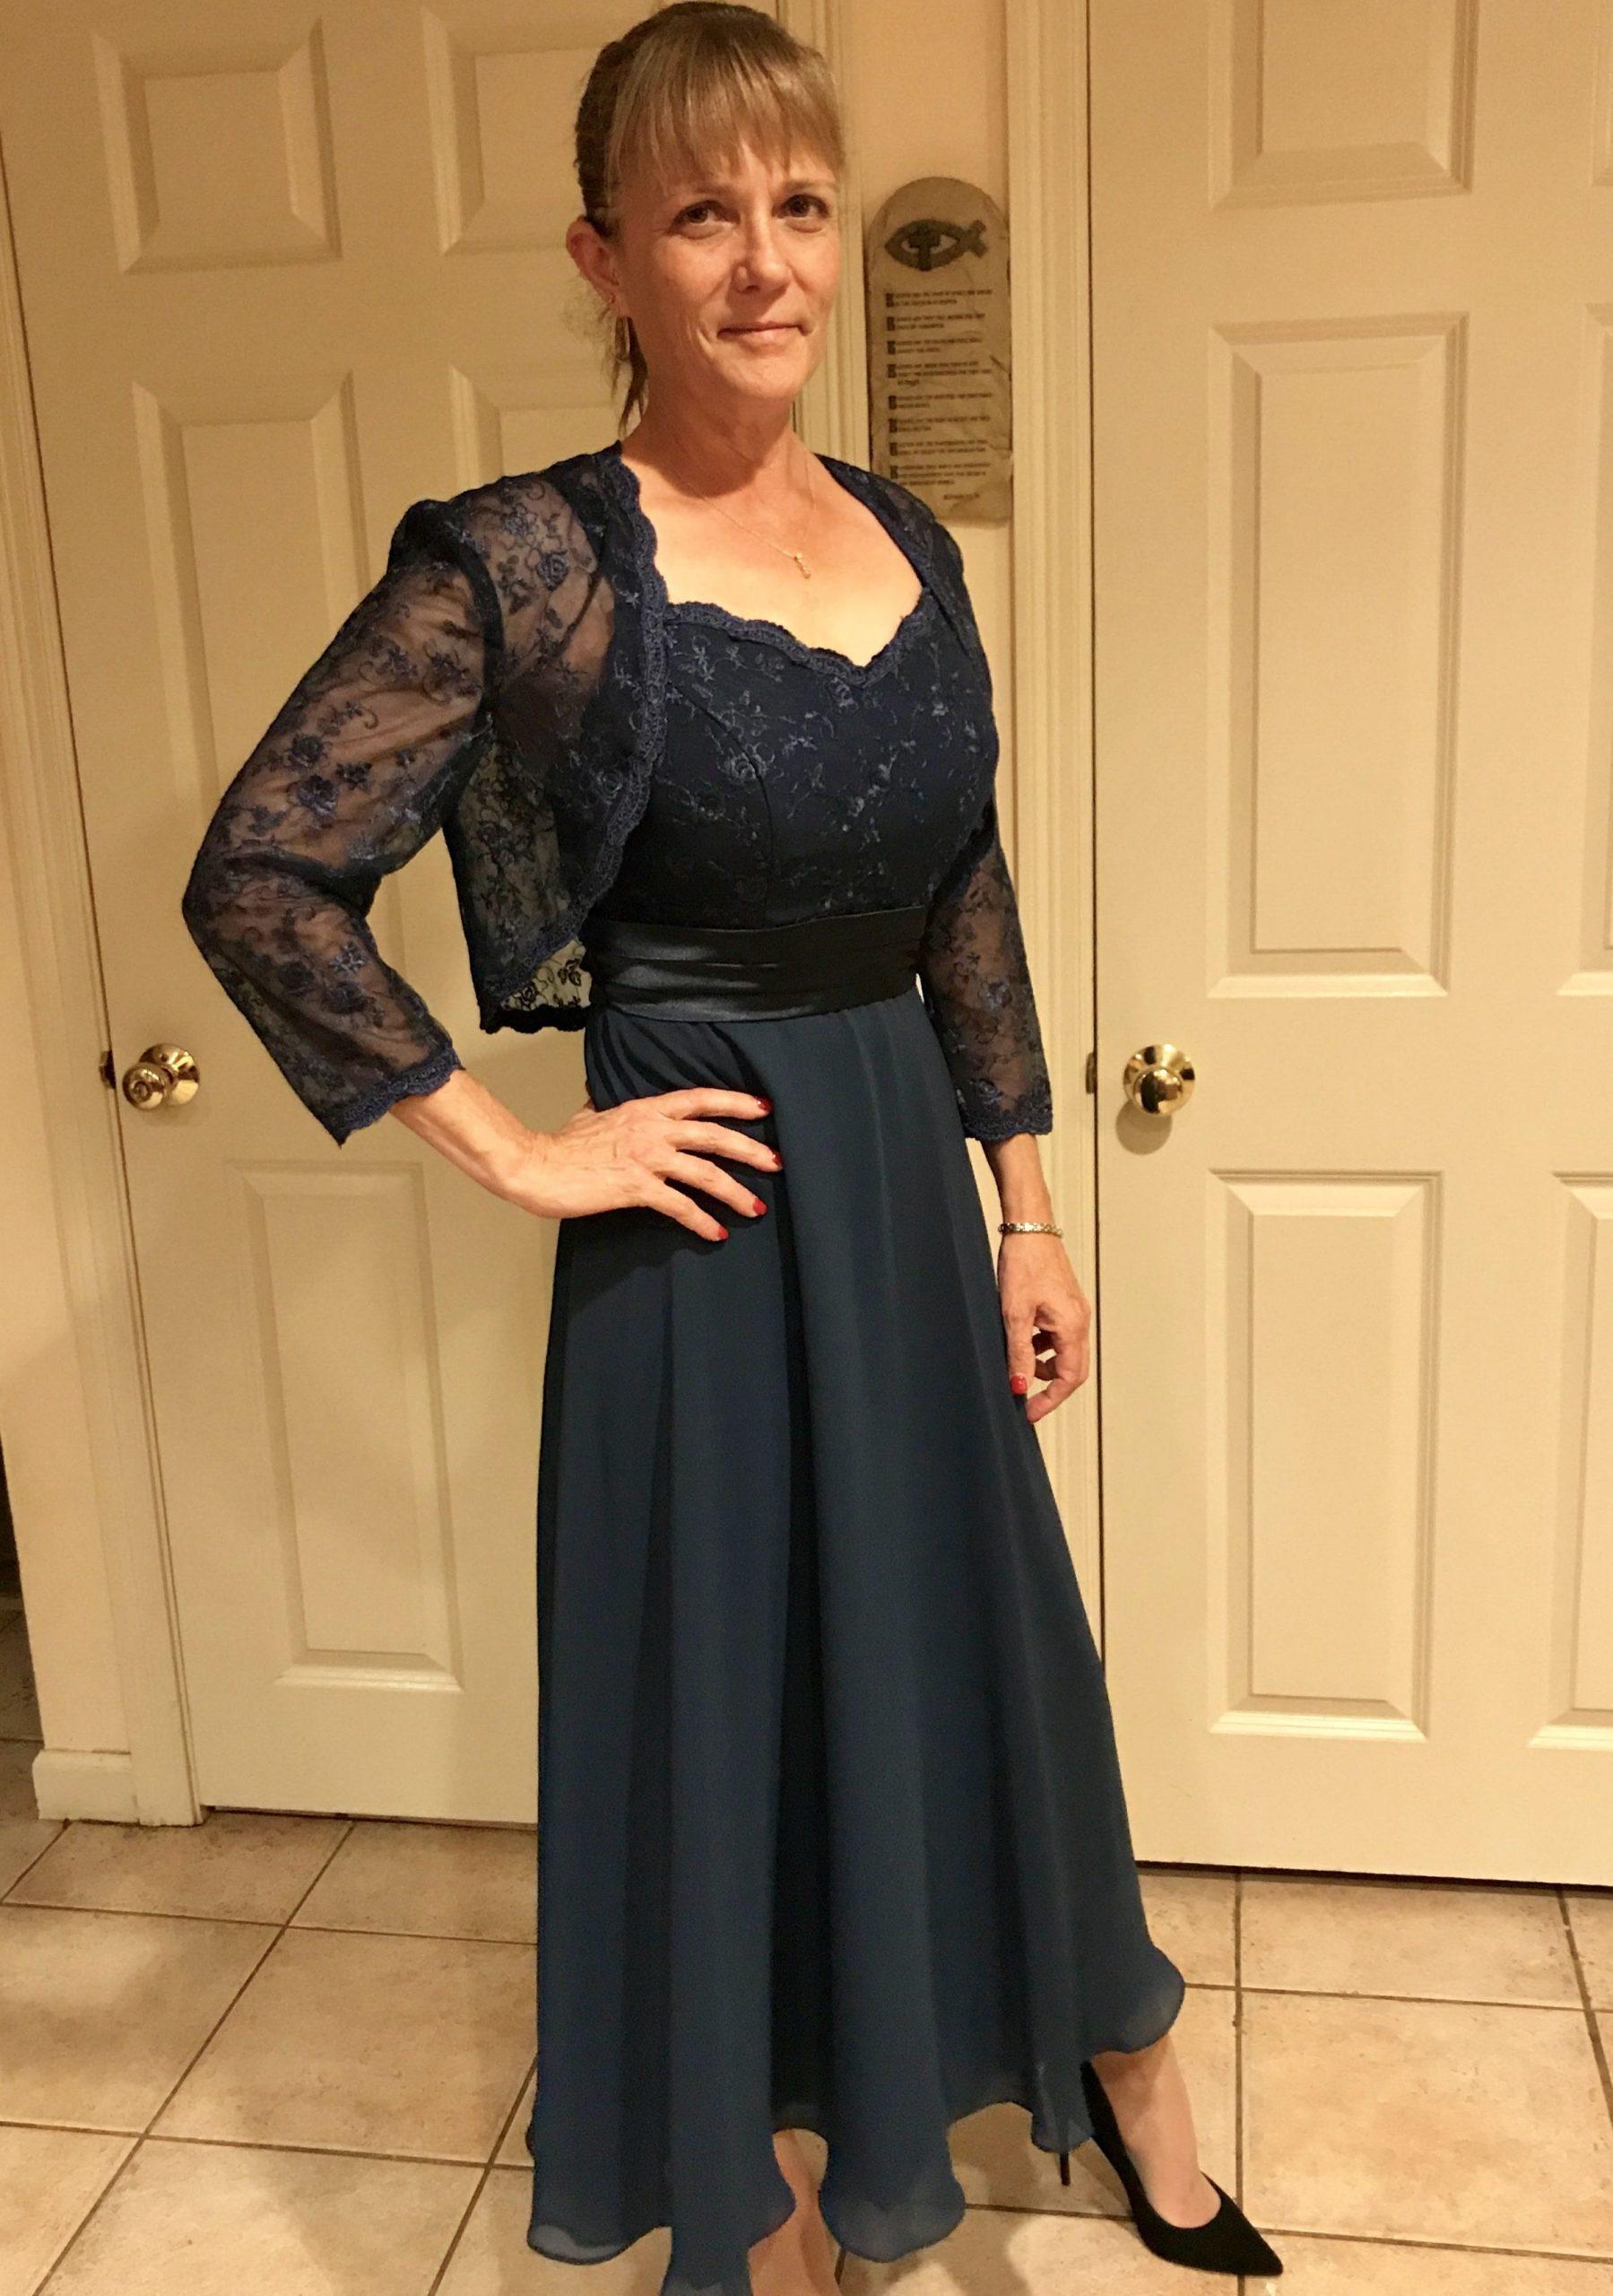 Großartig Elegante Kleider Knöchellang für 2019Designer Erstaunlich Elegante Kleider Knöchellang Bester Preis